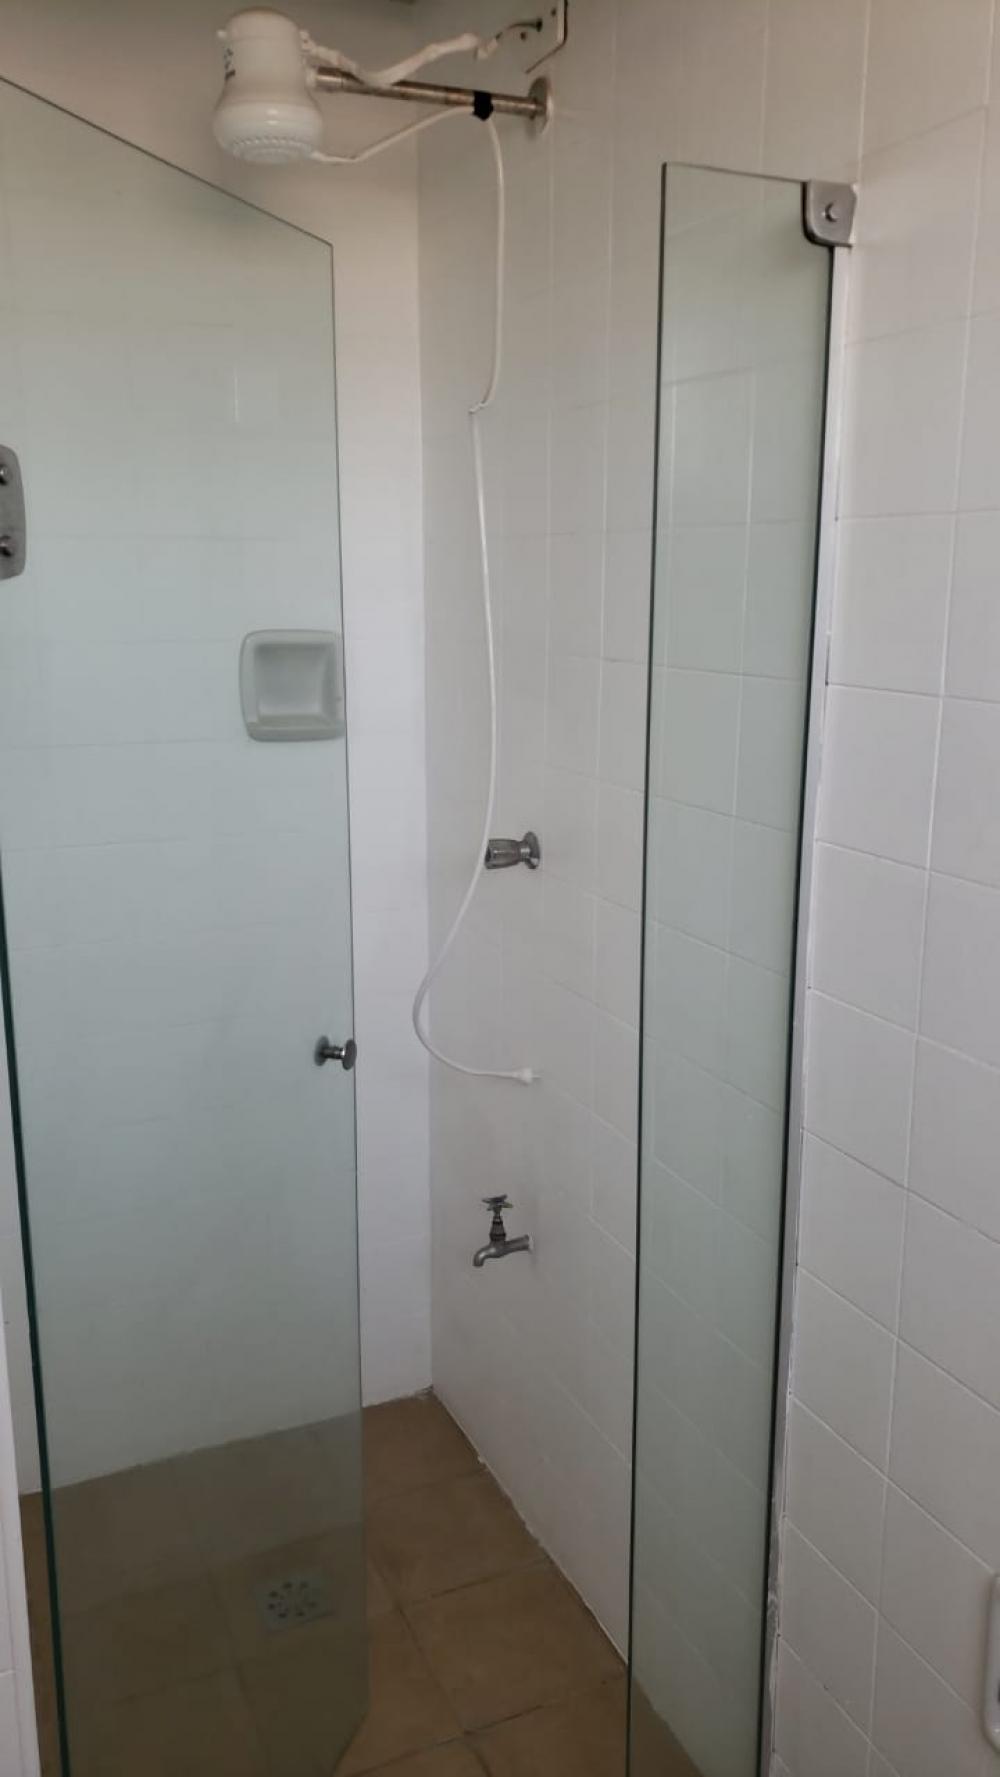 Comprar Apartamento / Padrão em São José do Rio Preto apenas R$ 290.000,00 - Foto 14